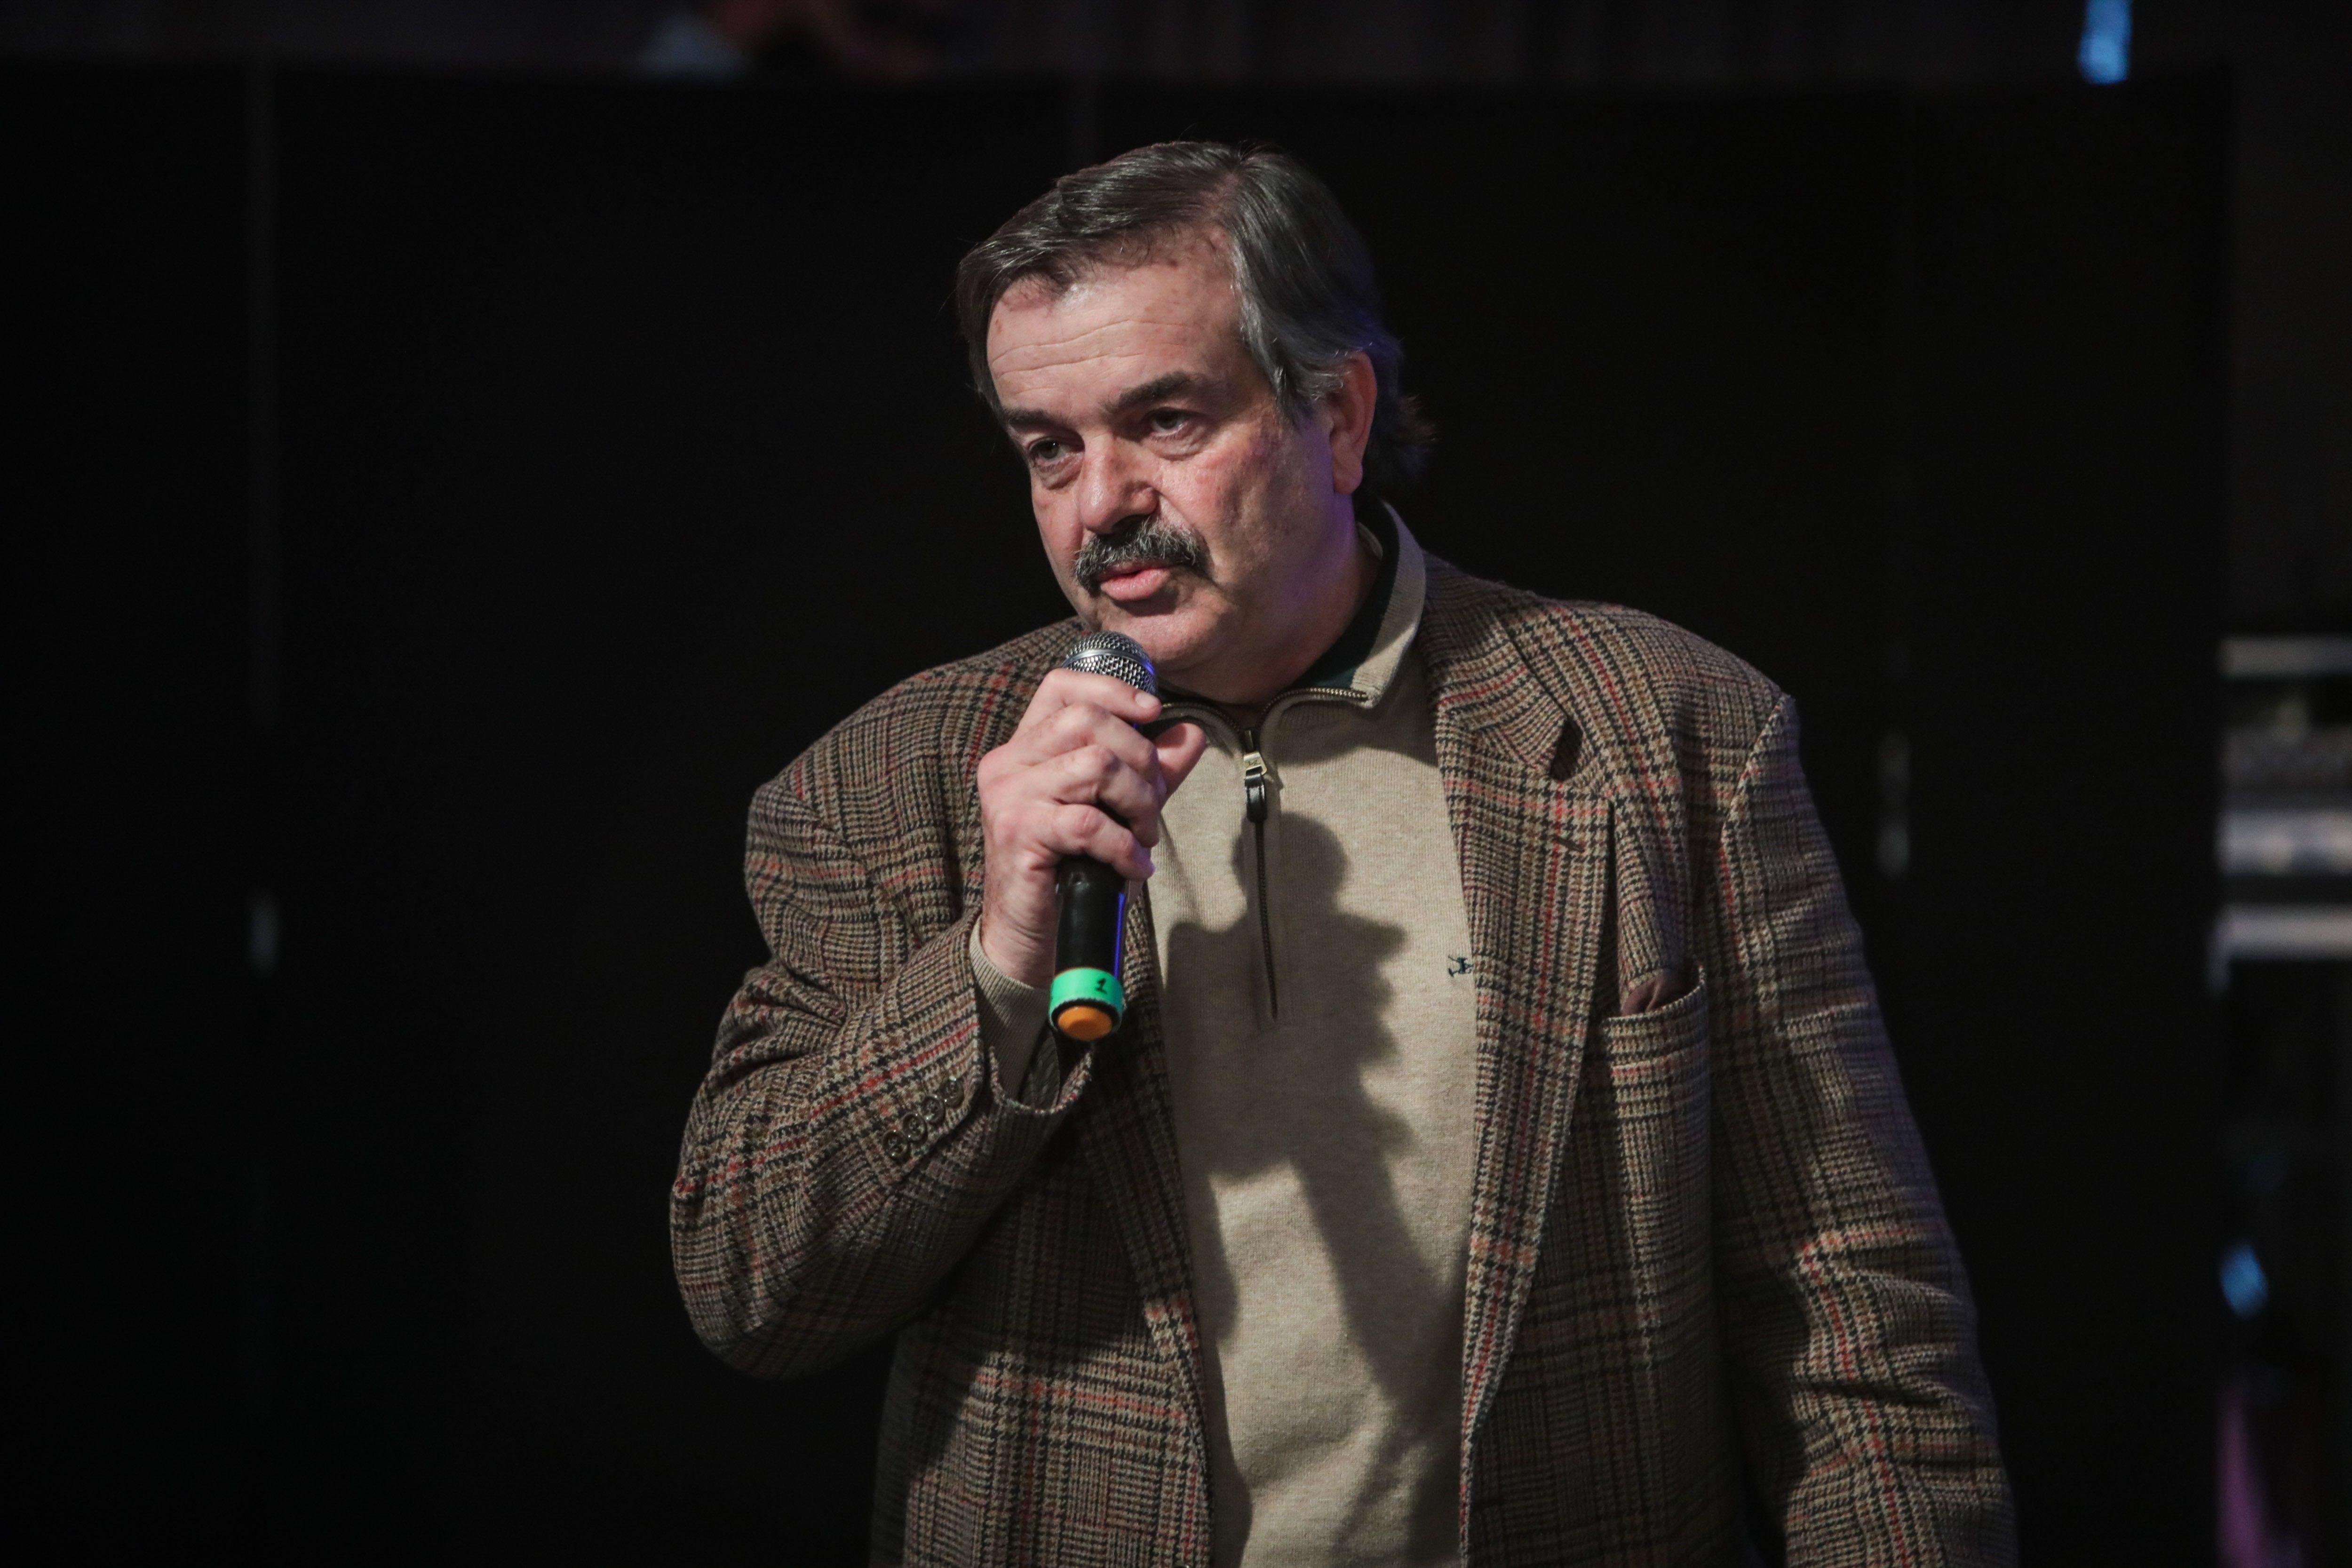 El ministro de Agricultura, Ganadería y Pesca de Uruguay, Carlos María Uriarte, participa de una mesa de debate sobre el futuro de la carne uruguaya en la Expo Prado de Montevideo (Uruguay). EFE/Federico Anfitti